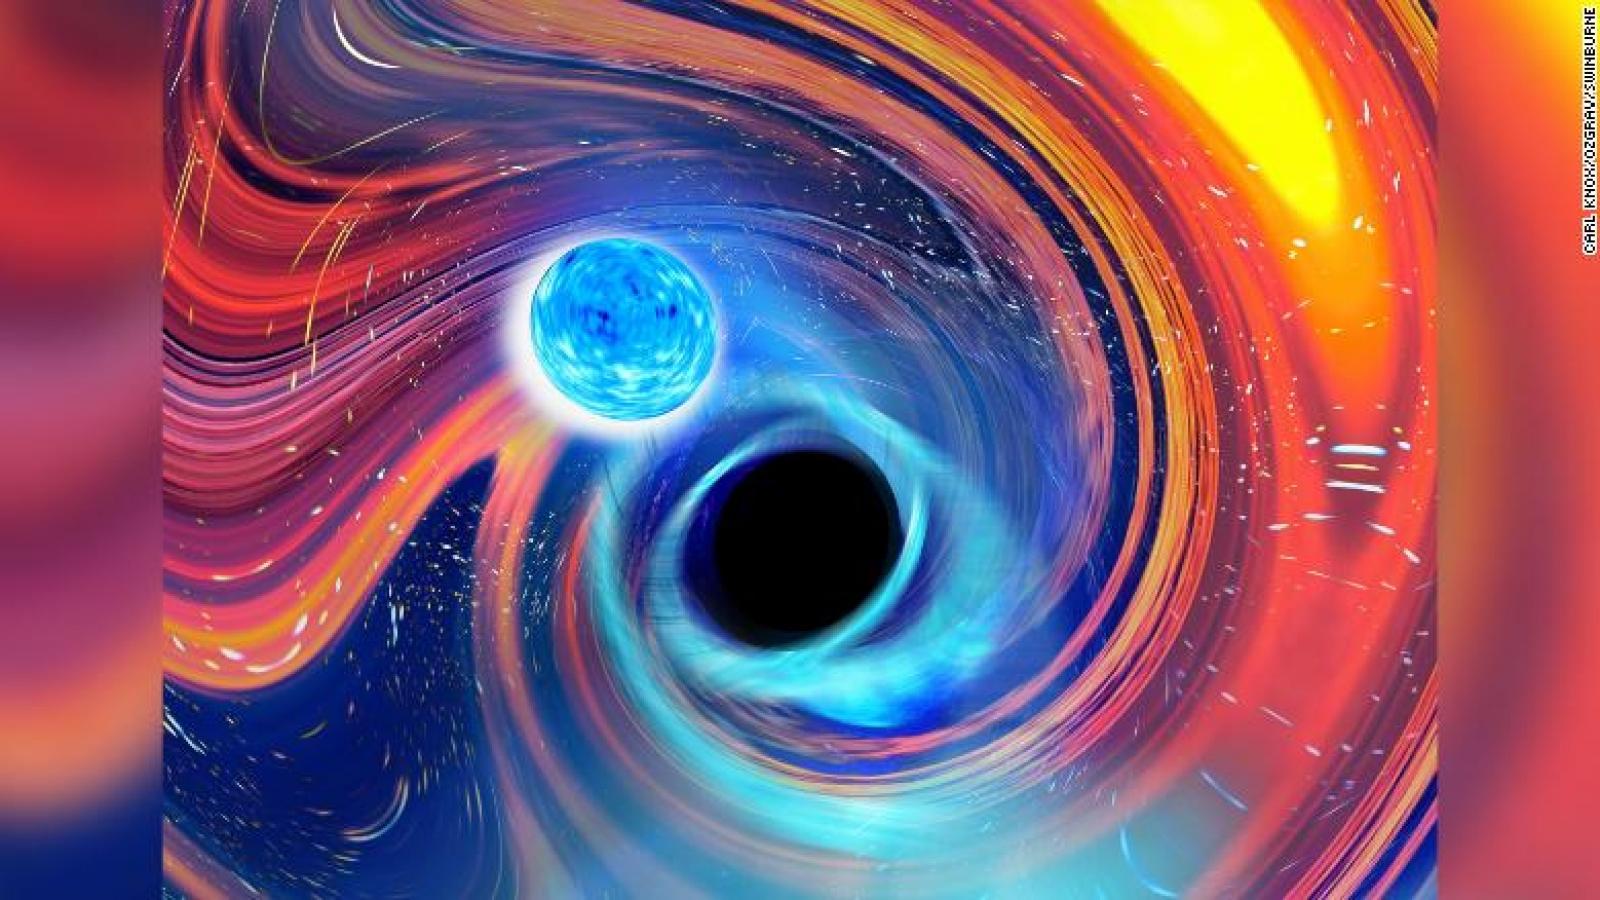 Lần đầu tiên phát hiện ra hiện tượng dữ dội hố đen nuốt chửng sao neutron